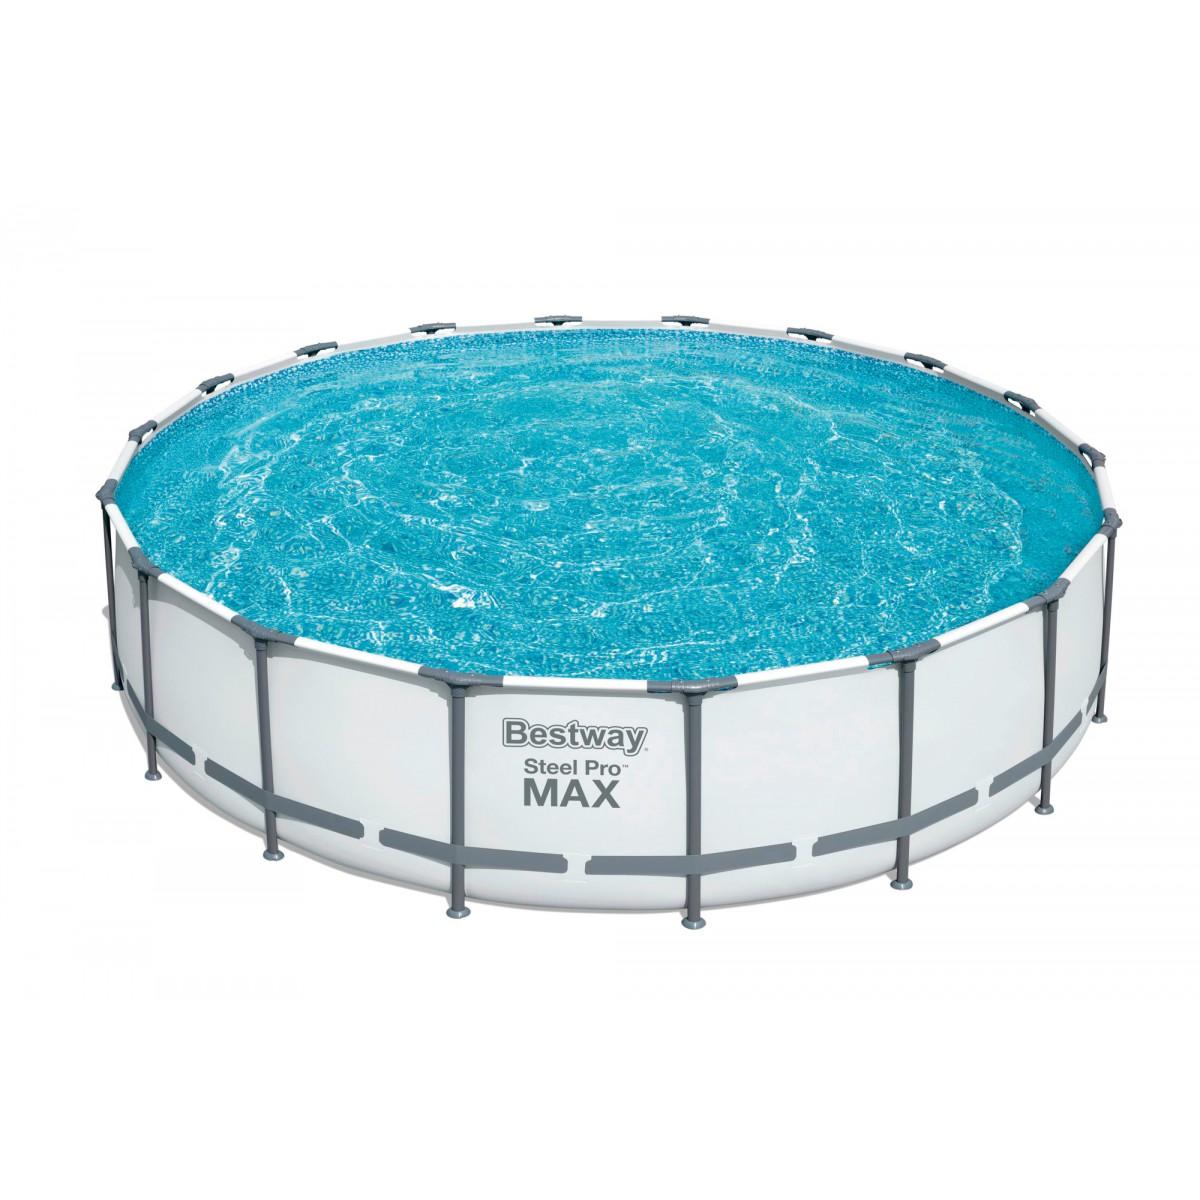 Piscine hors sol ronde Steel Pro Max™ Bestway - 549 x 122 cm